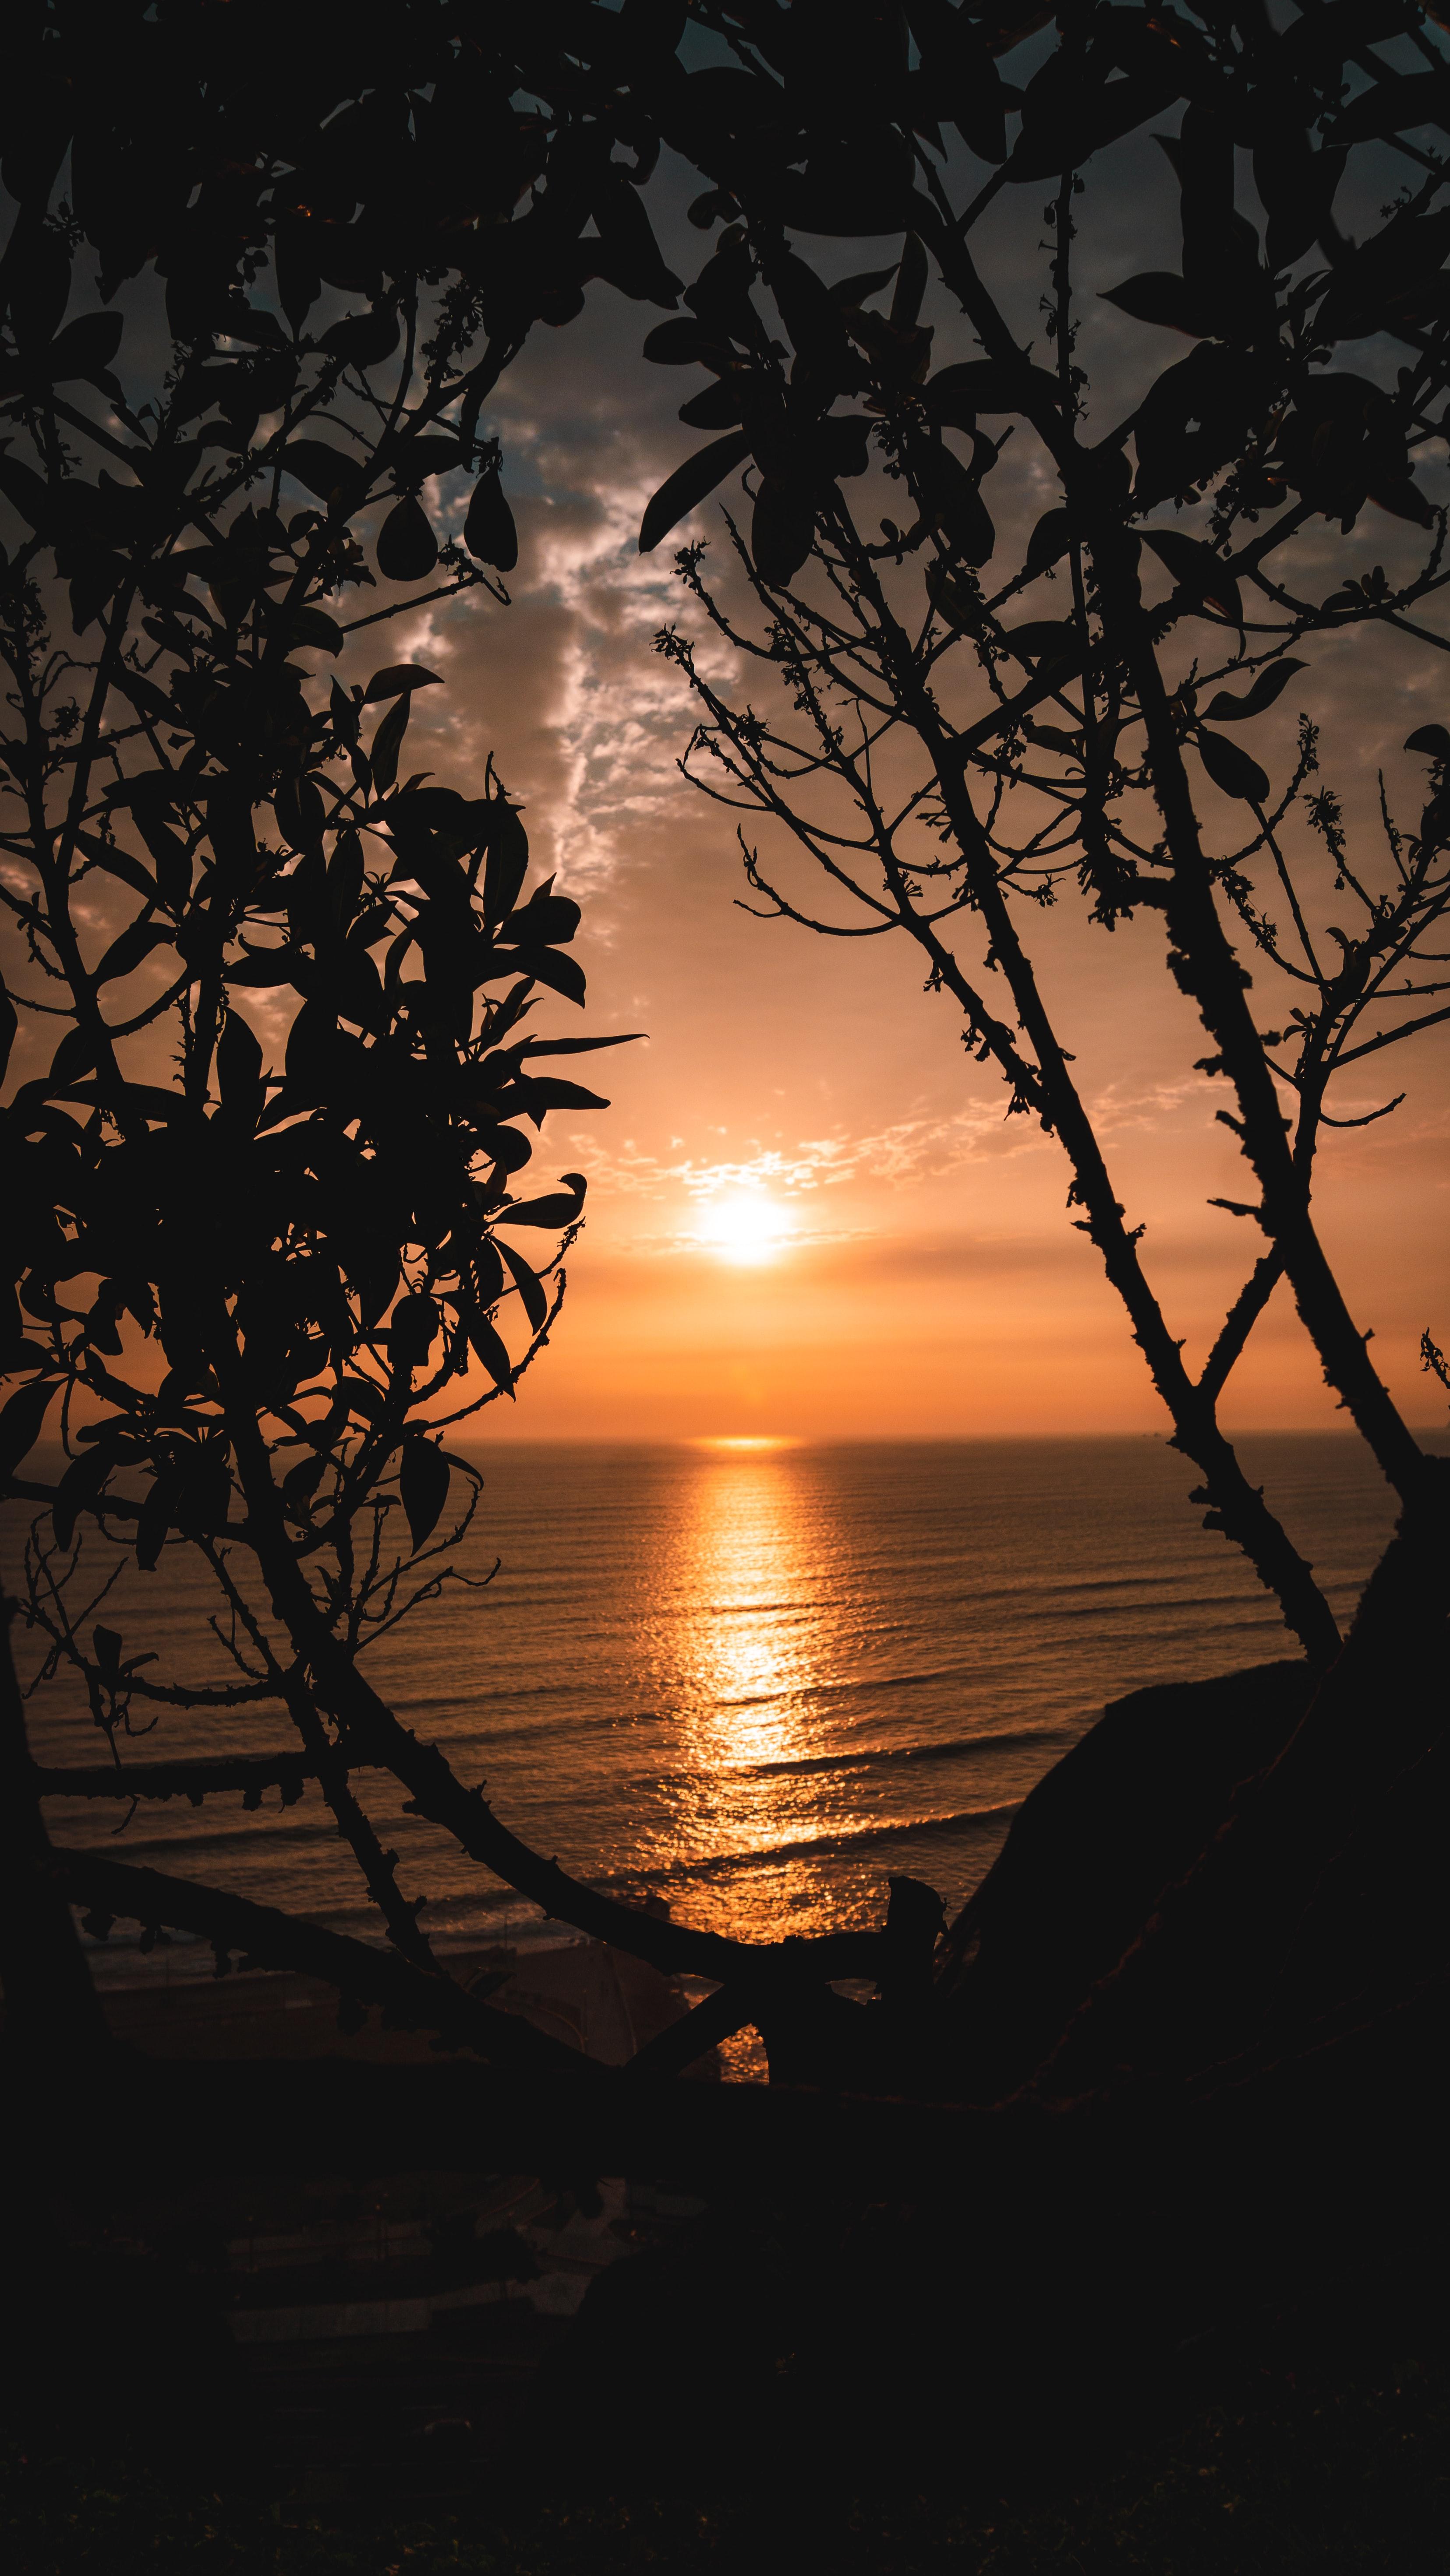 56072 скачать обои Закат, Солнце, Природа, Деревья, Горизонт, Ветки - заставки и картинки бесплатно